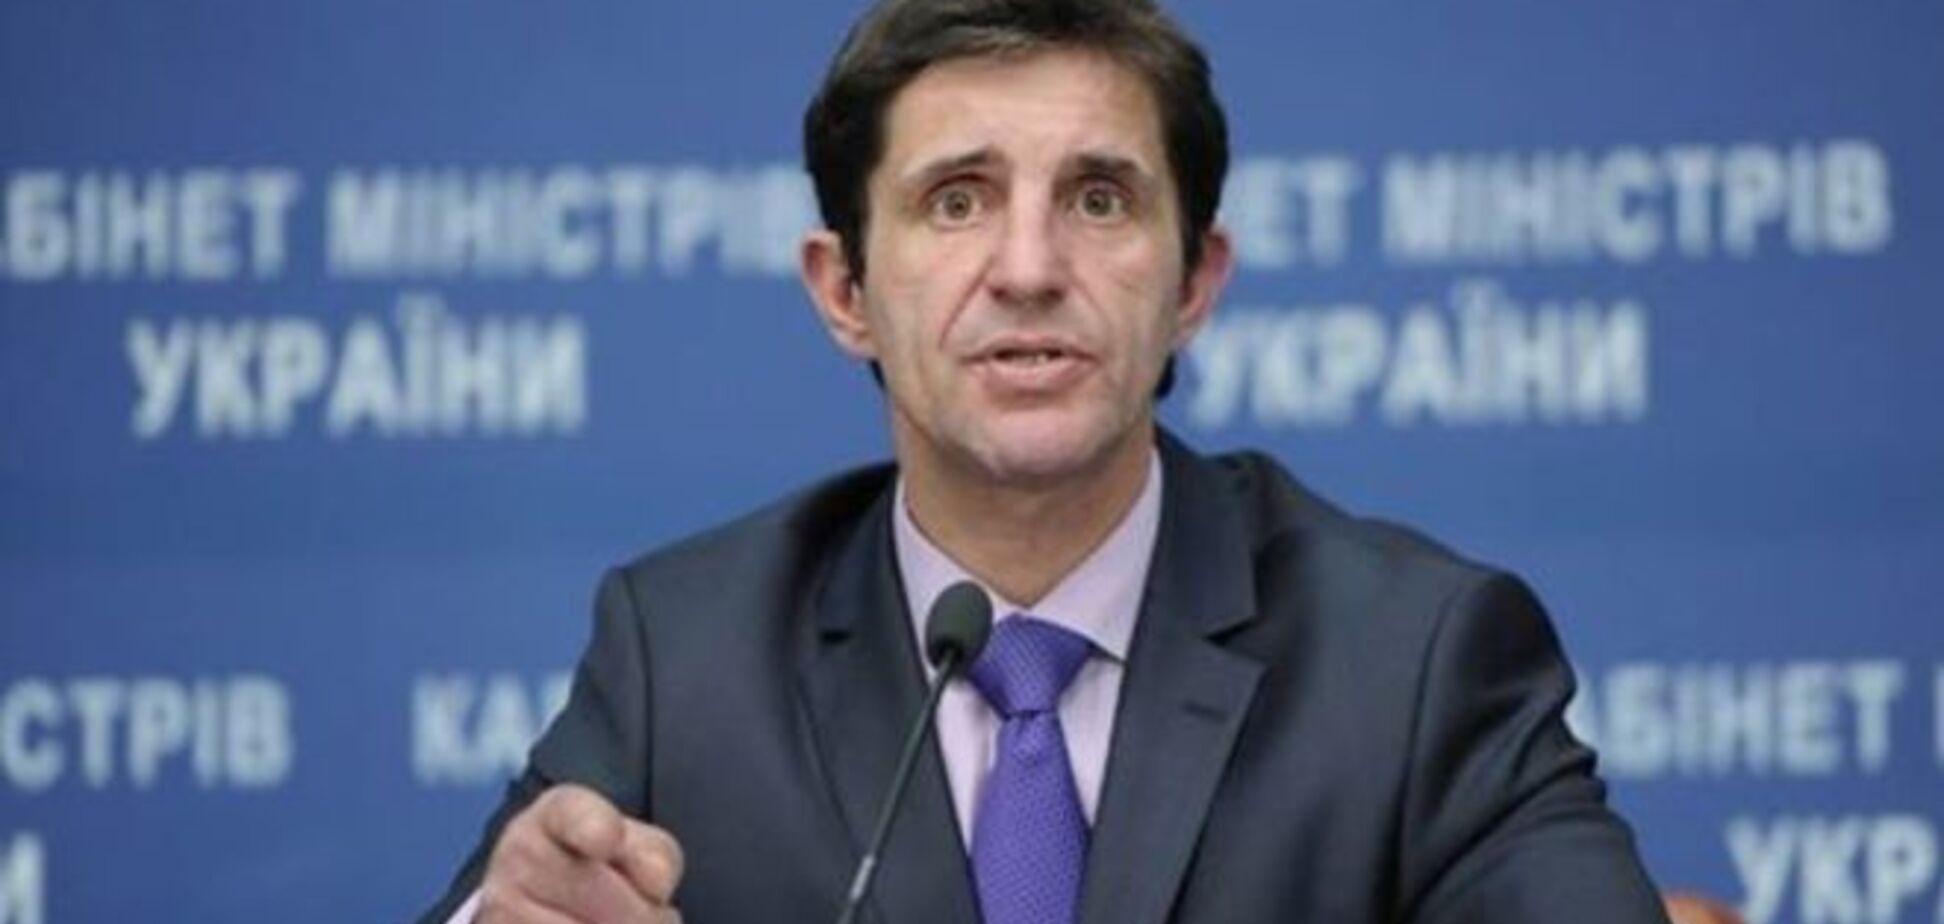 Шкиряк устроил себе майские каникулы за 6 млн из бюджета - Стогний